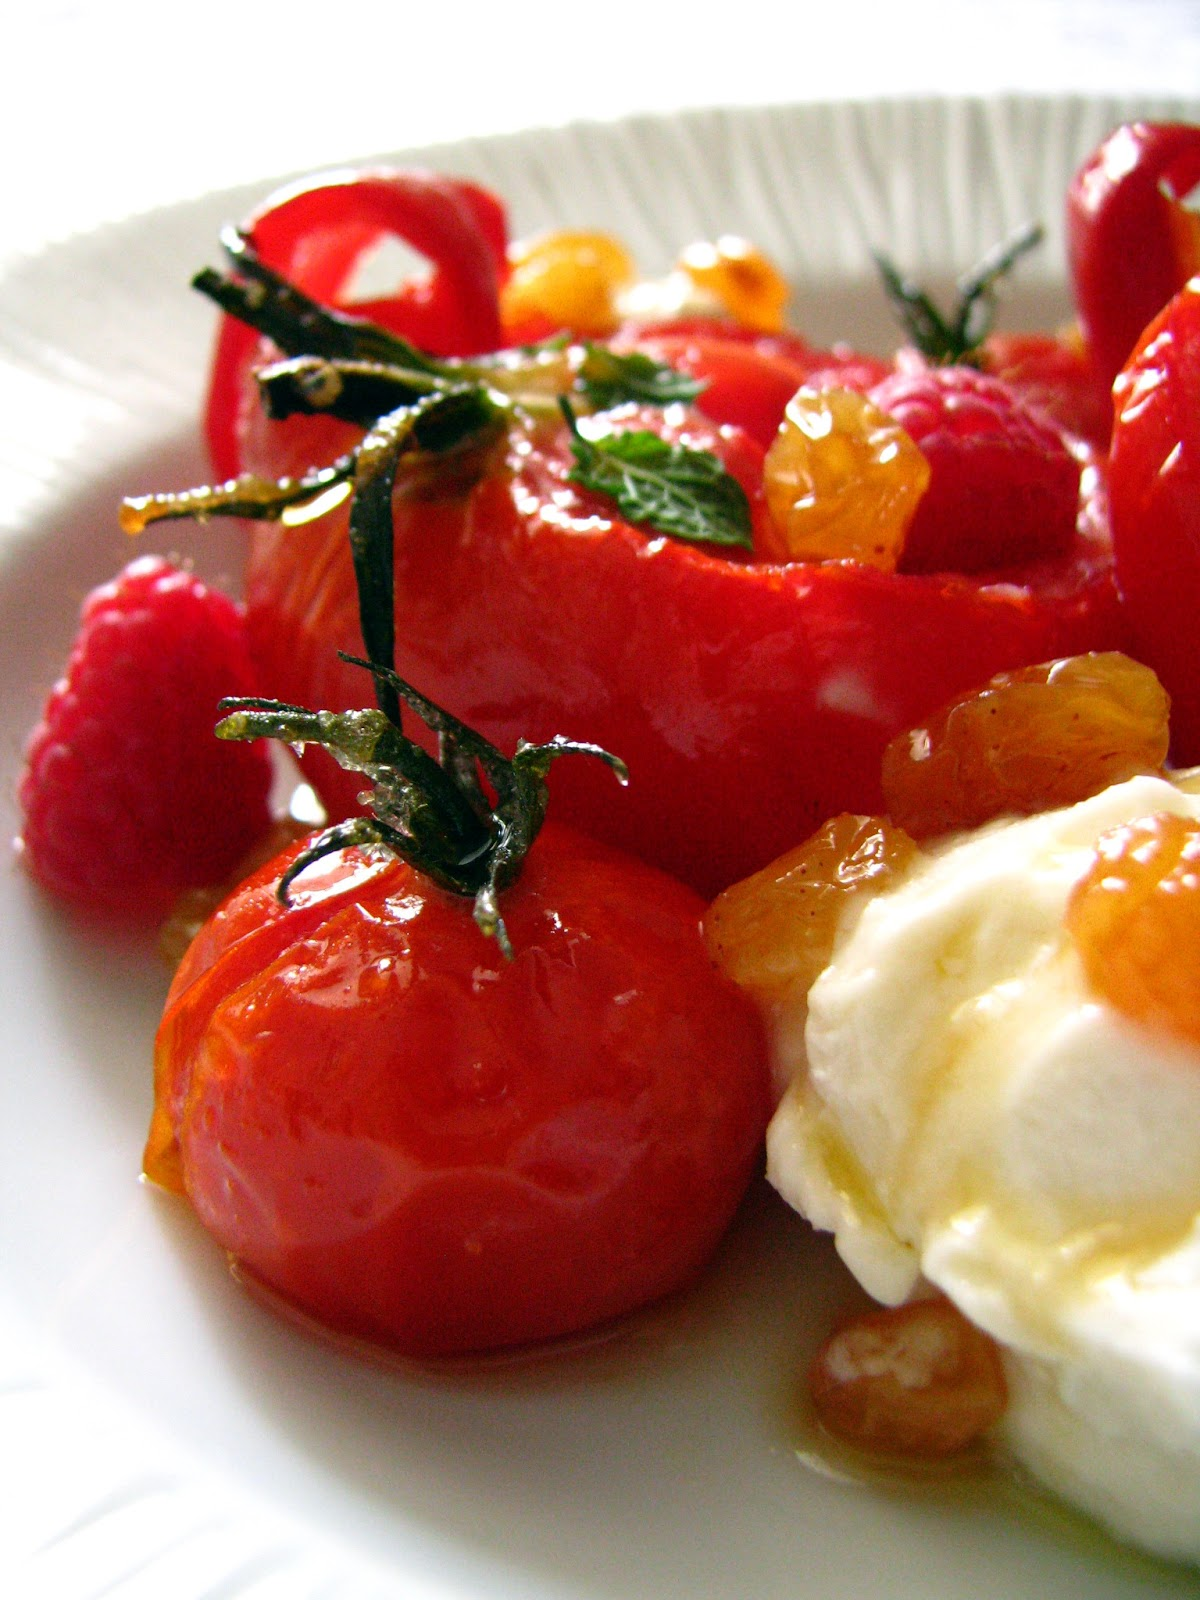 dans la cuisine de sophie dessert rouge tomates poivrons et framboises l 39 huile d 39 olive. Black Bedroom Furniture Sets. Home Design Ideas